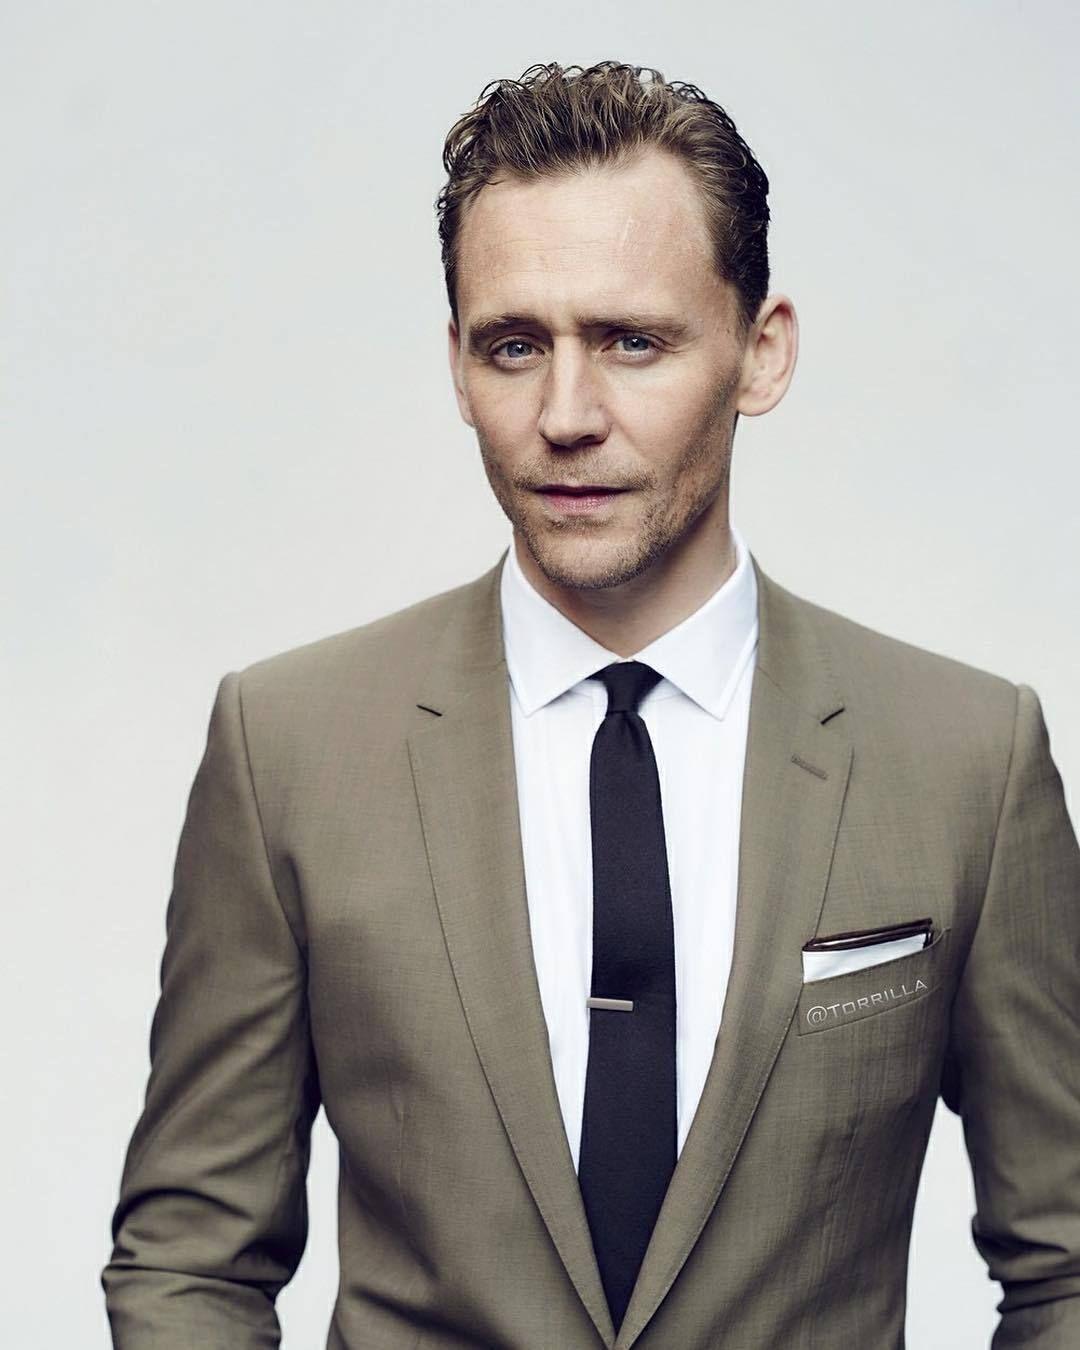 Tom hiddleston godsaveloki uctomhiddleston photographed by